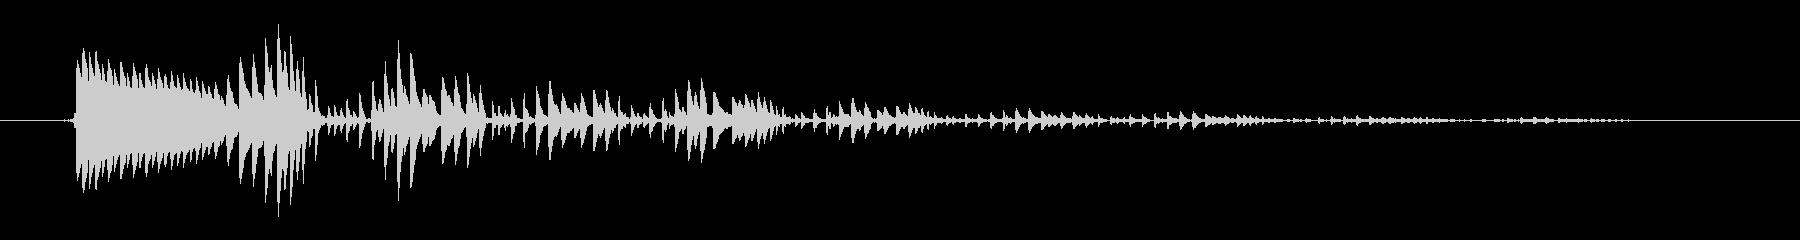 ジョーハープ:ワーブリーボインの未再生の波形